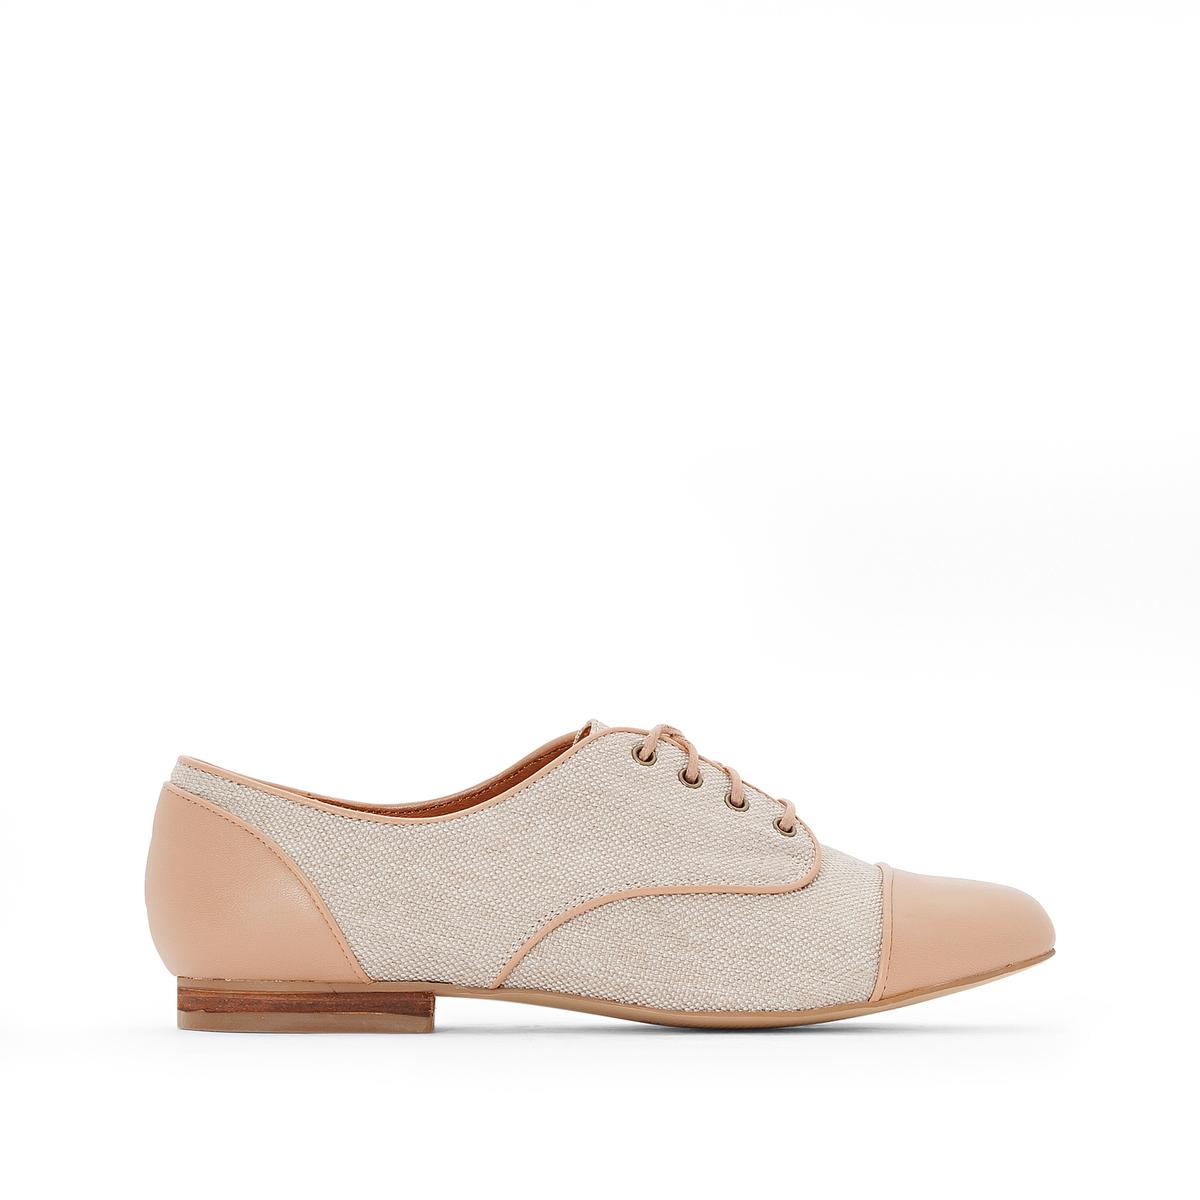 Ботинки-дерби синтетические ботинки дерби